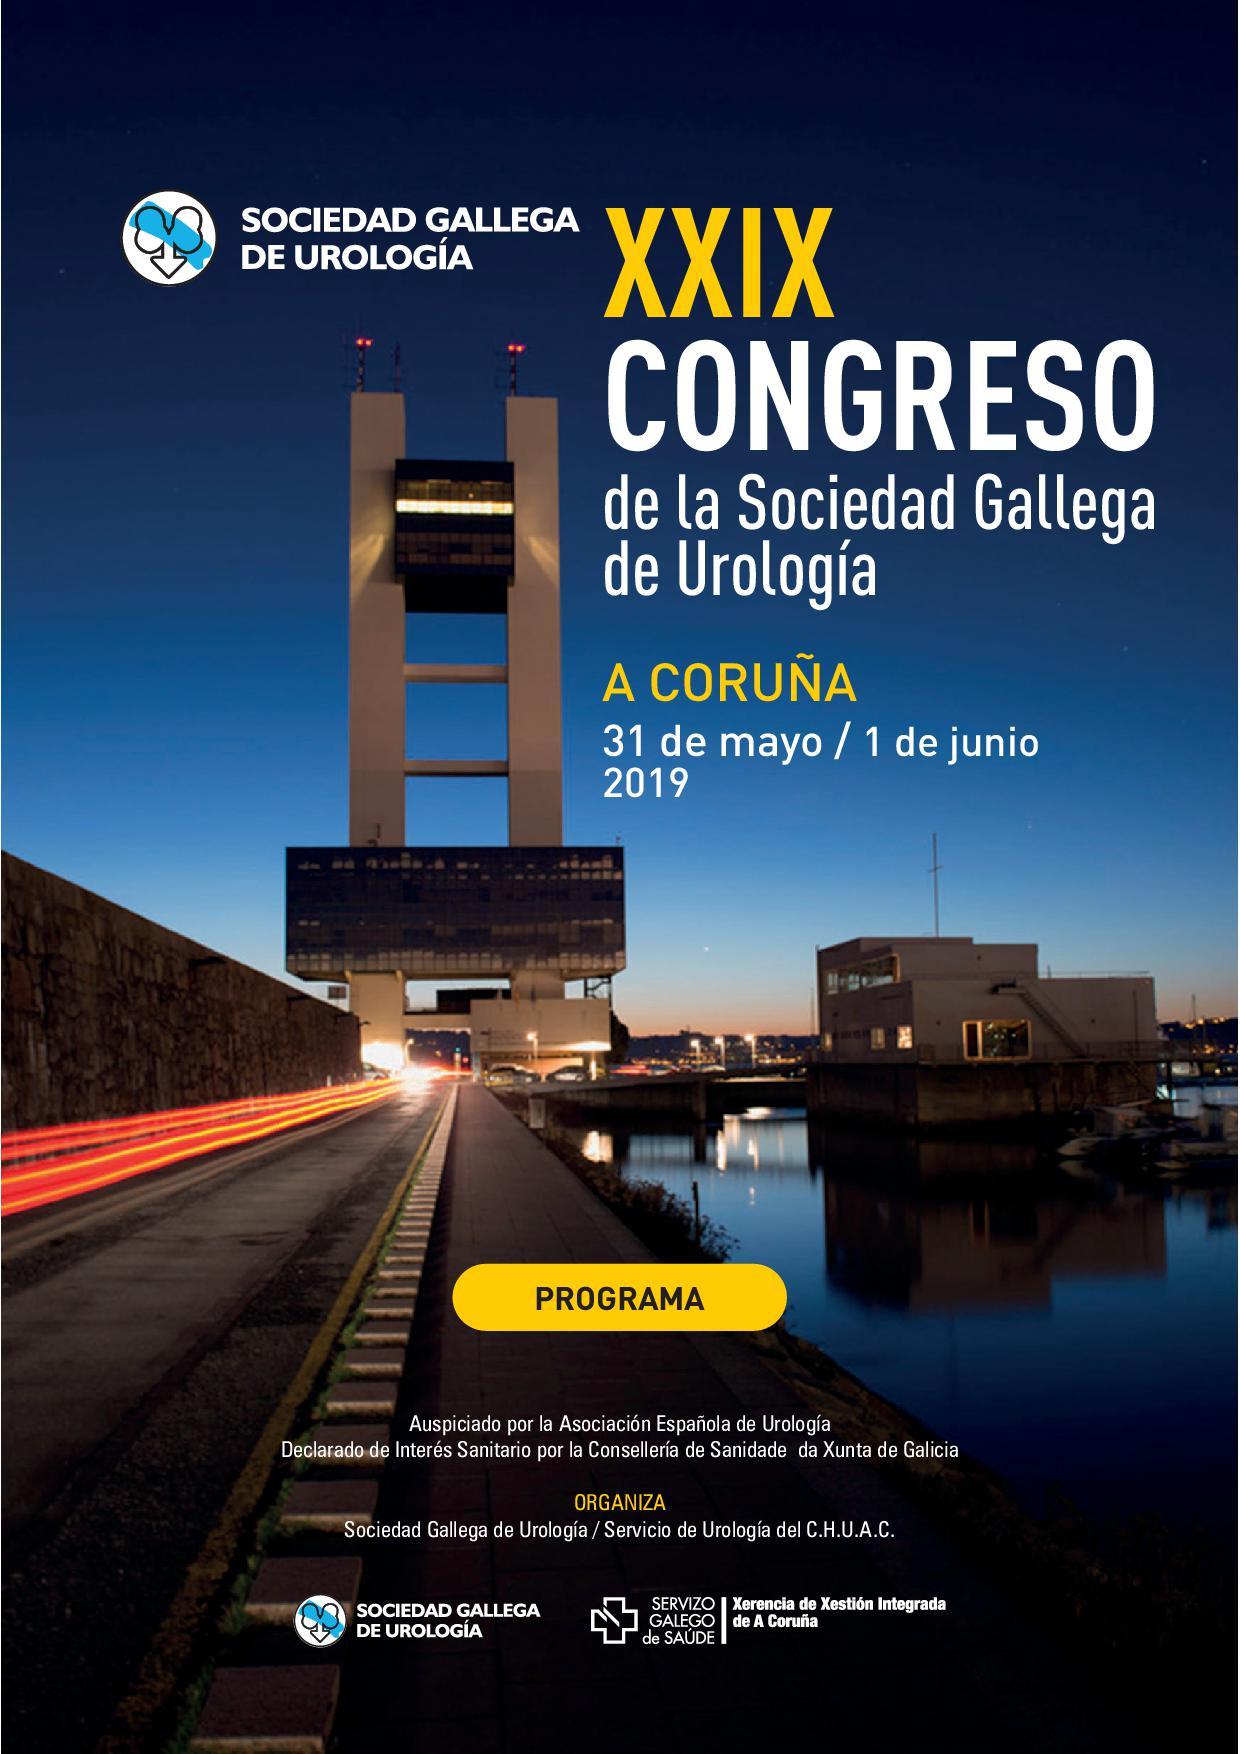 XXIX Congreso de la Sociedad Gallega de Urología